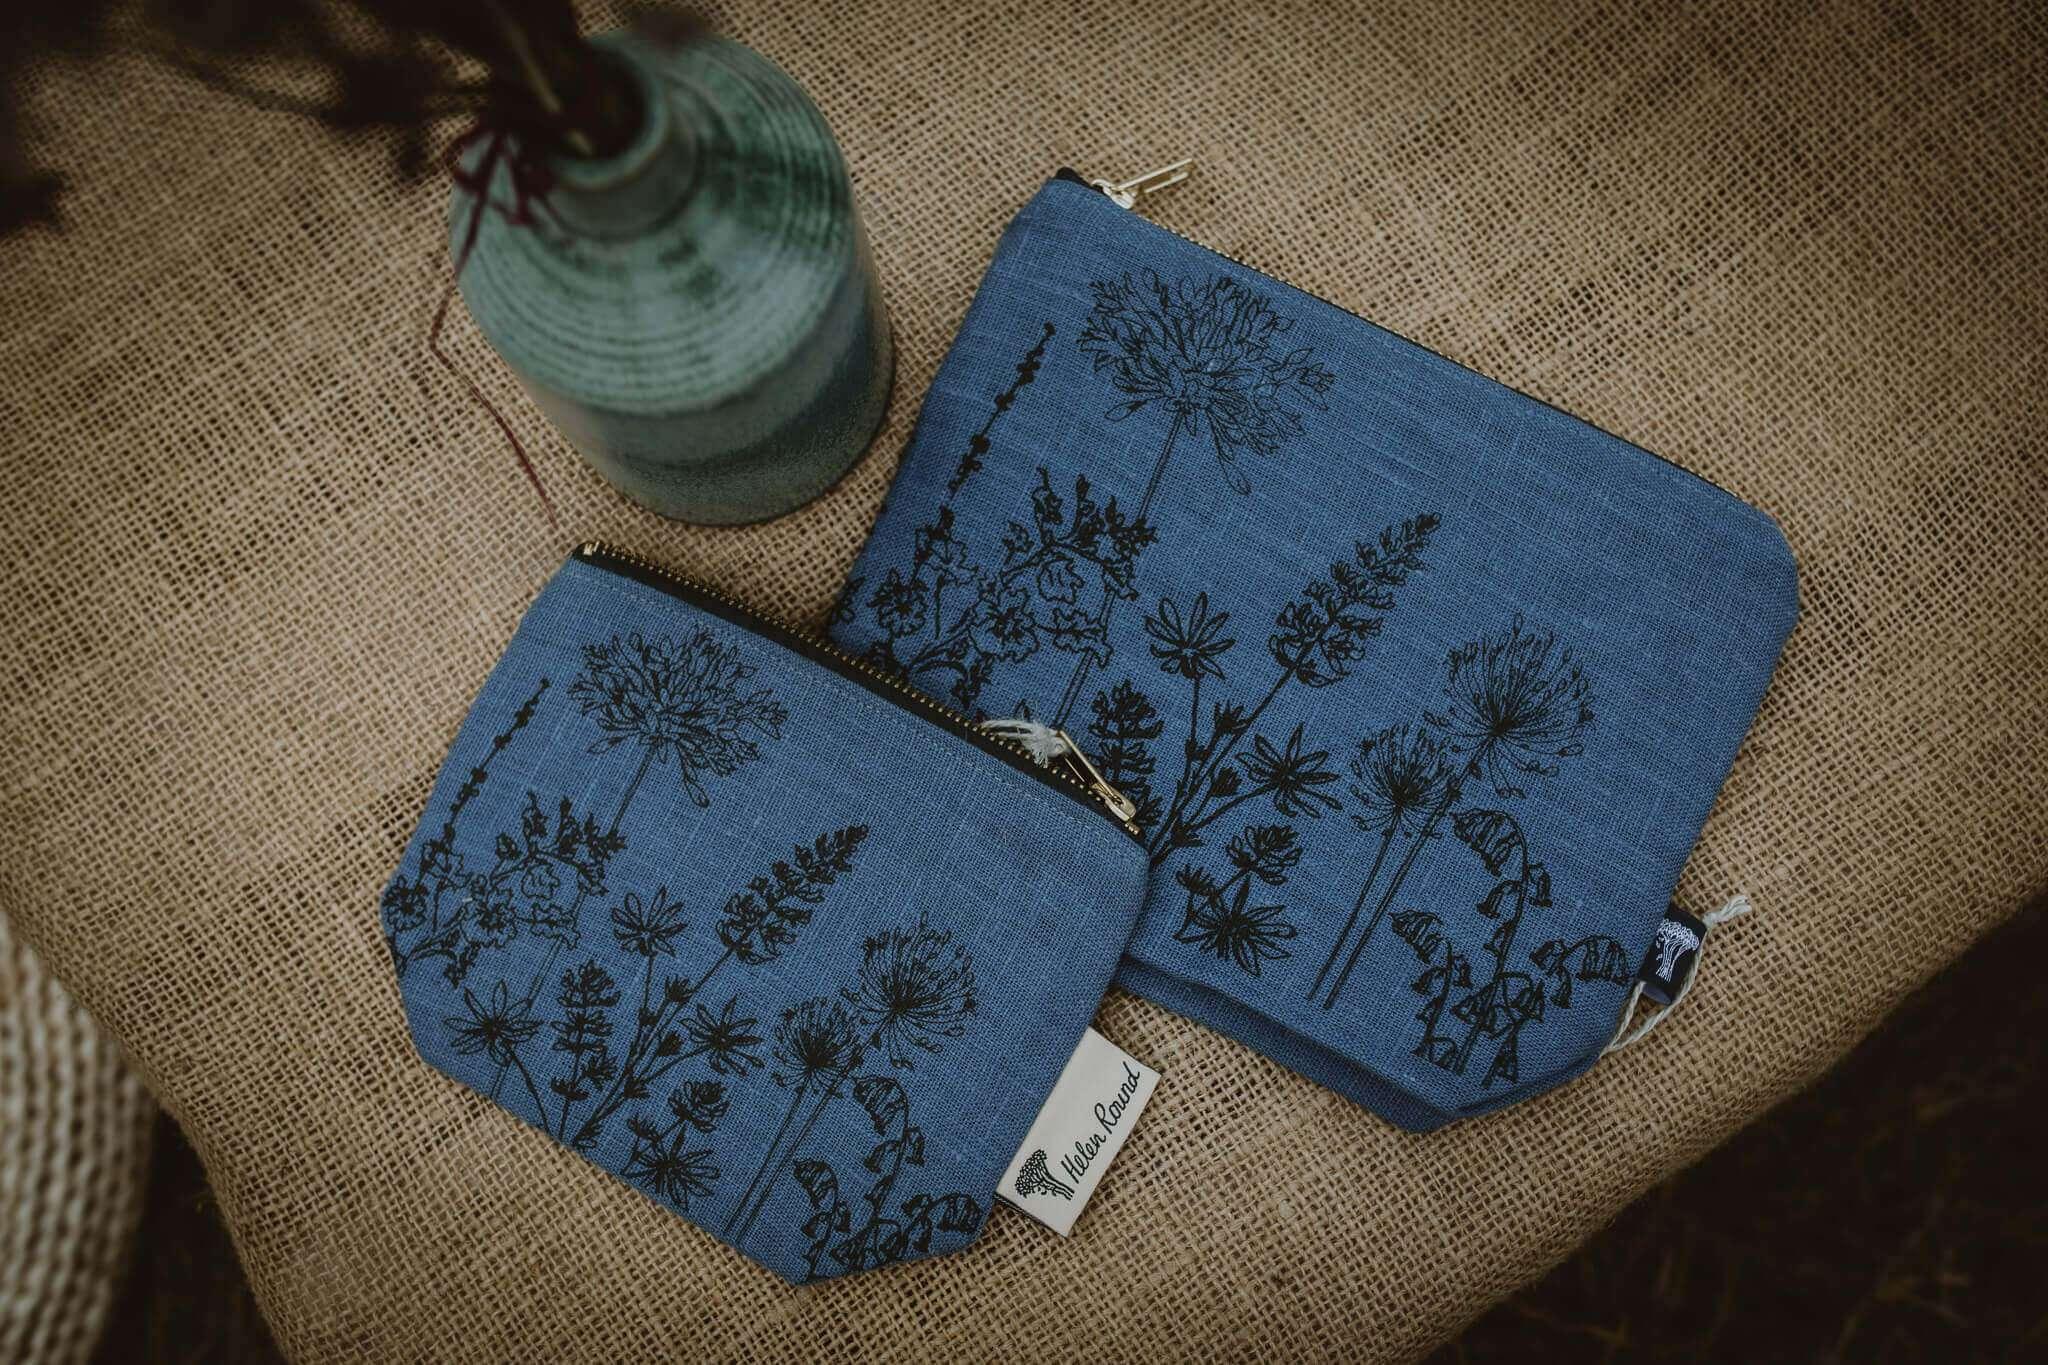 hr dark blue washbags for comparison